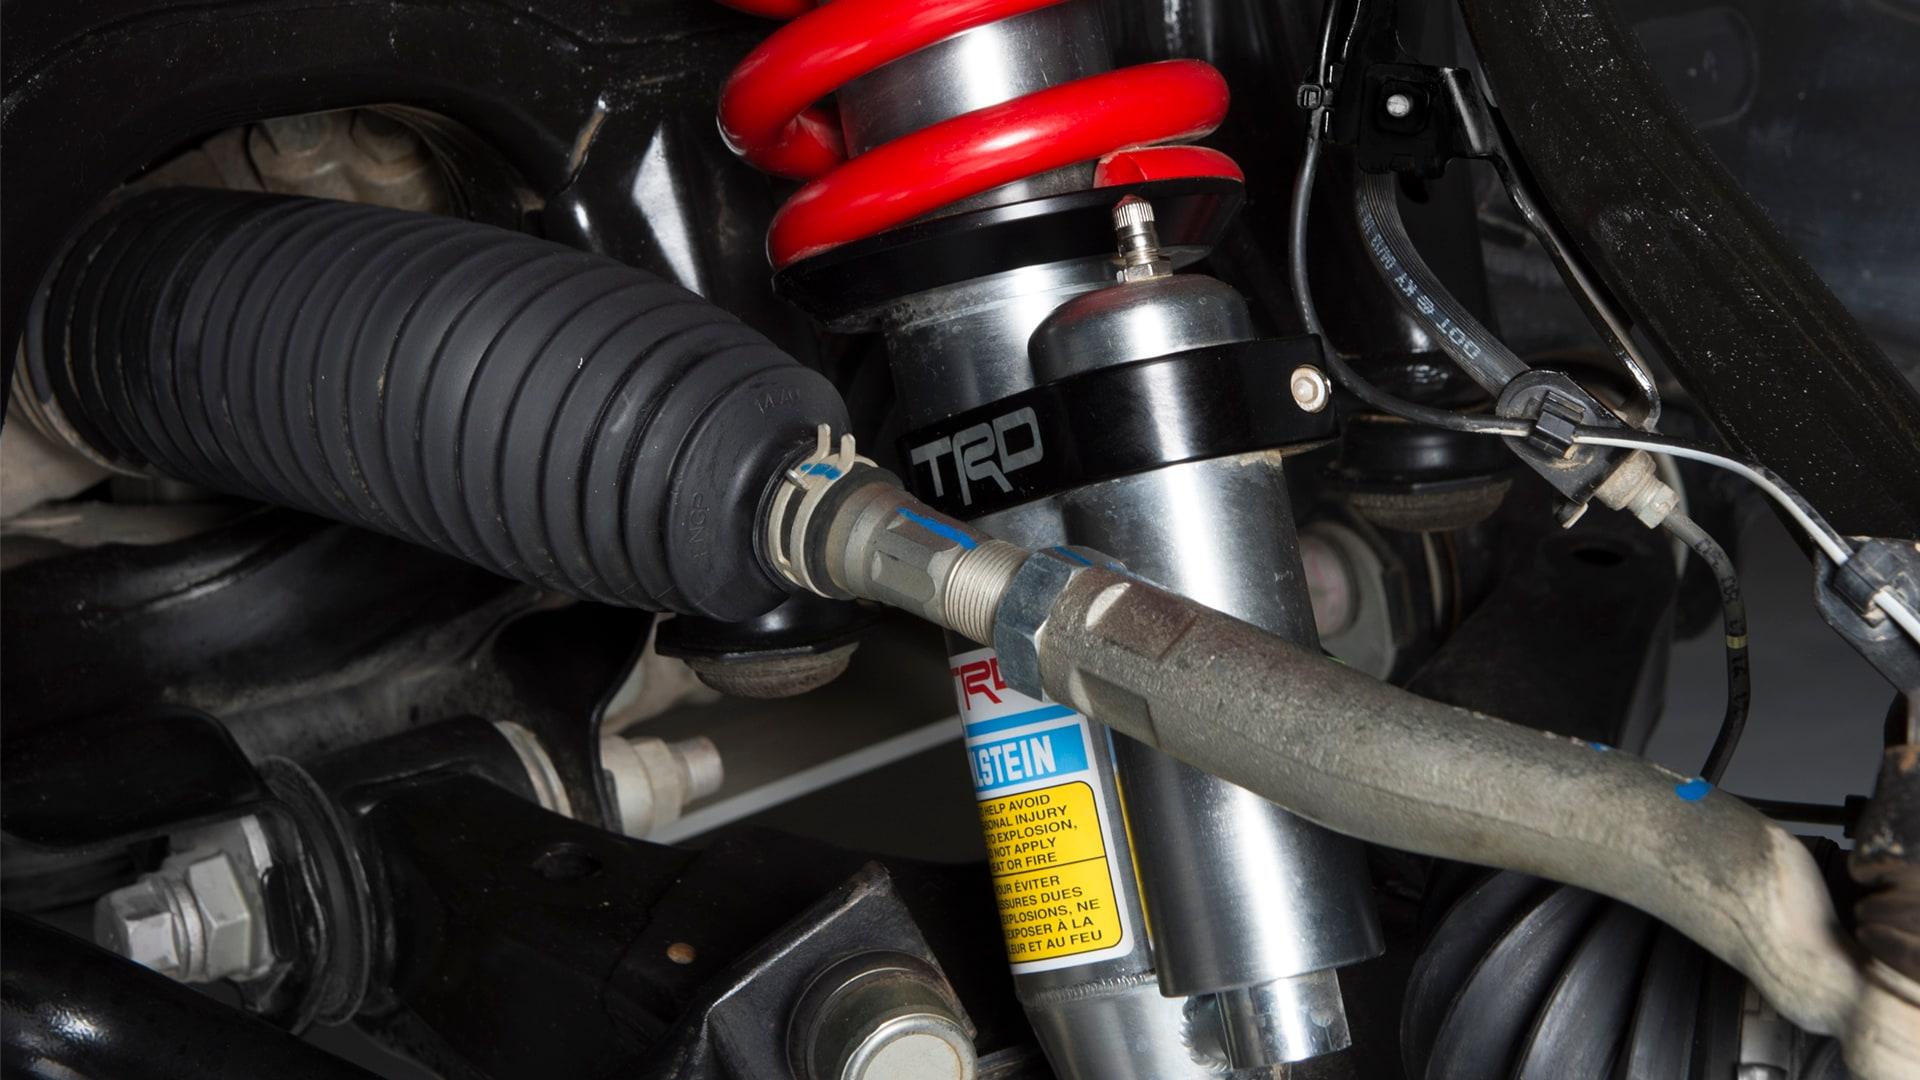 Landers Toyota Little Rock >> 2015 TRD Pro Series | Toyota Tundra in Arkansas | Steve Landers Toyota of Little Rock